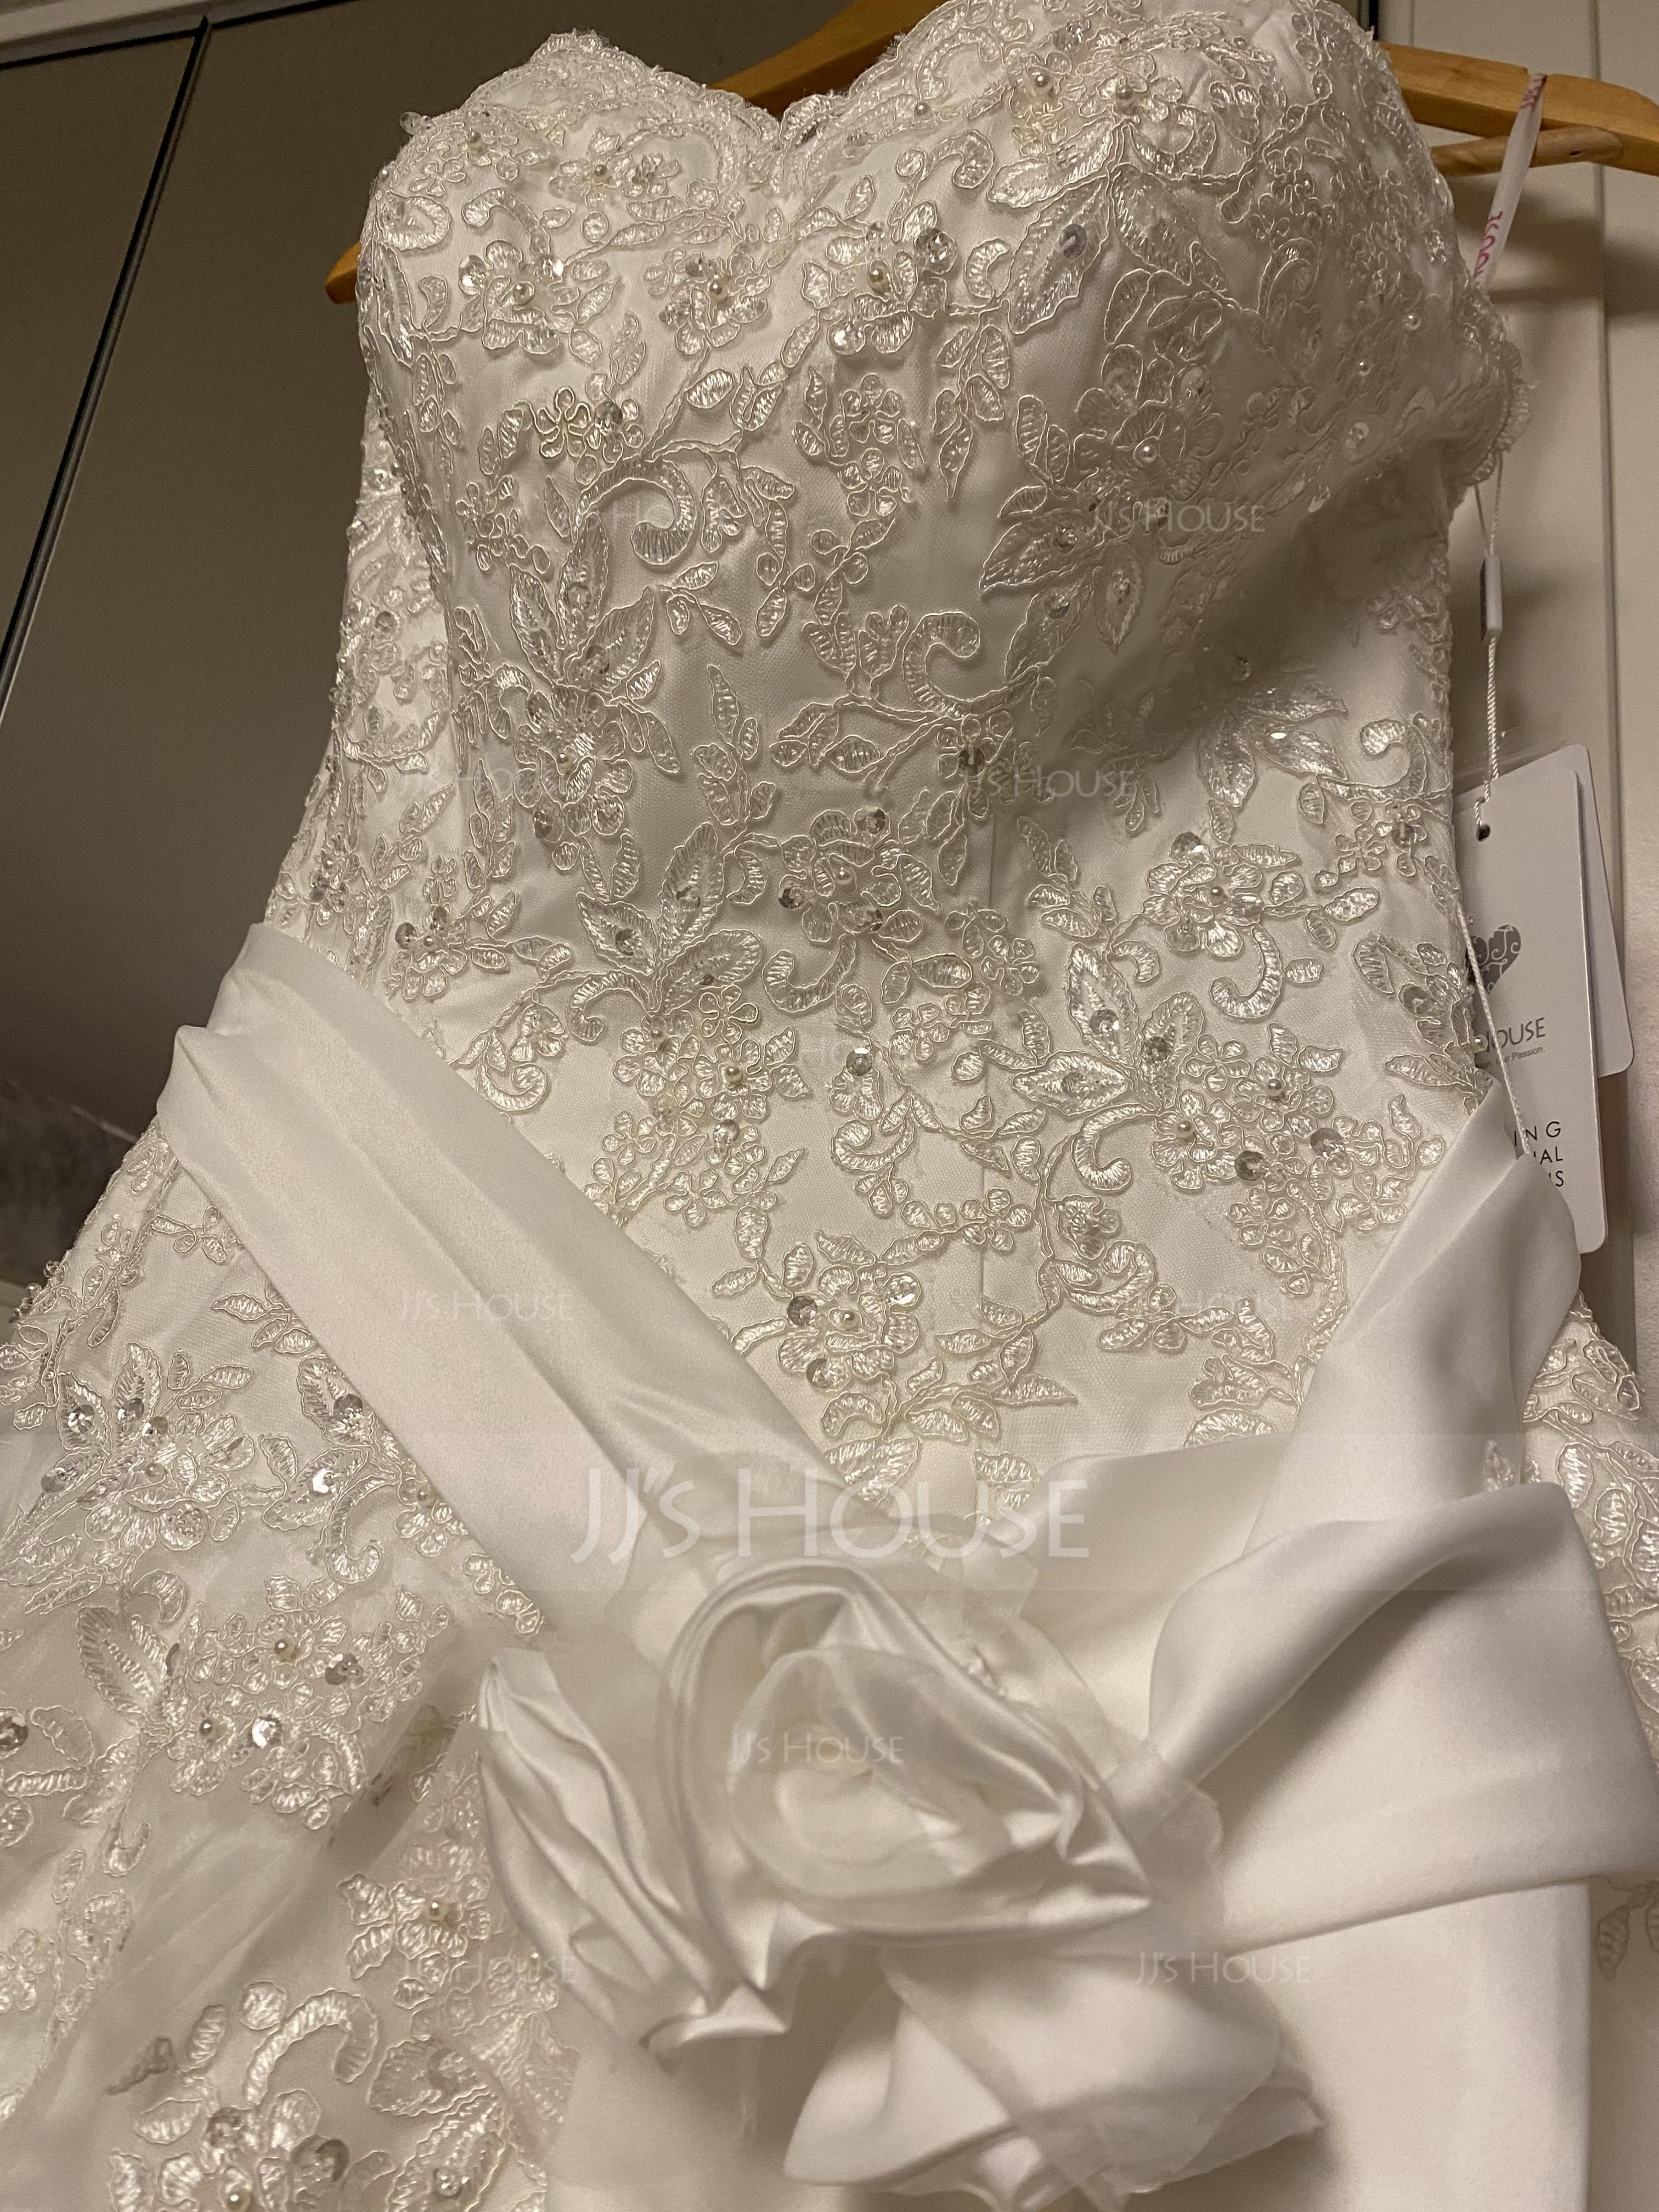 Balklänning Älskling Court släp Satäng Organzapåse Spets Bröllopsklänning med Beading Blomma (or) (002011970)